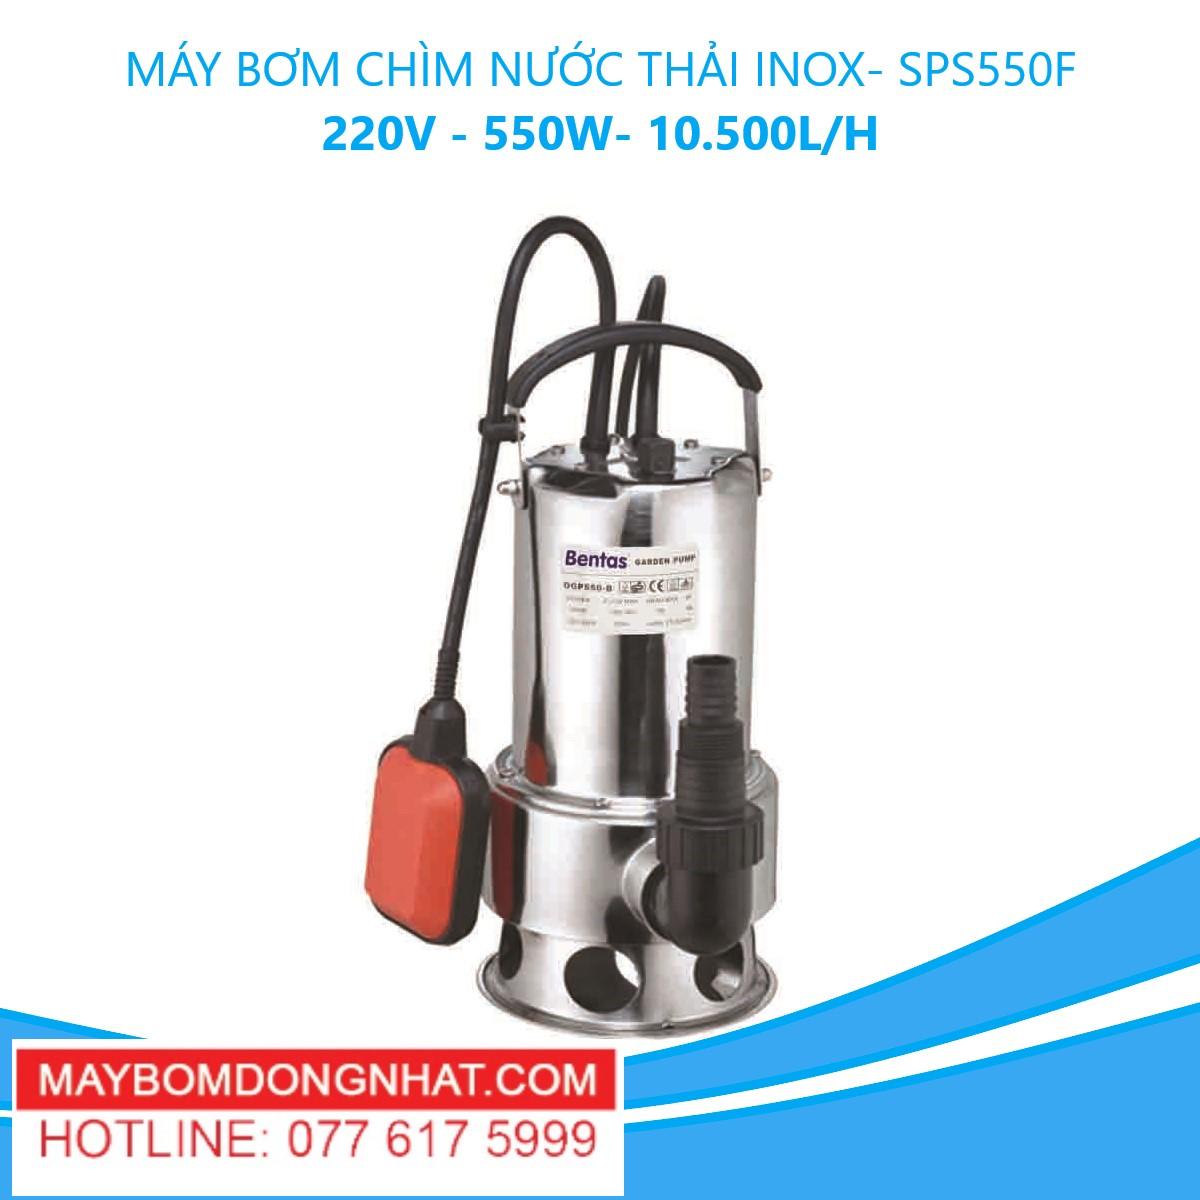 MÁY BƠM CHÌM NƯỚC THẢI INOX- SPS550F 220V – 550W- 10.500L/H(CÓ PHAO)